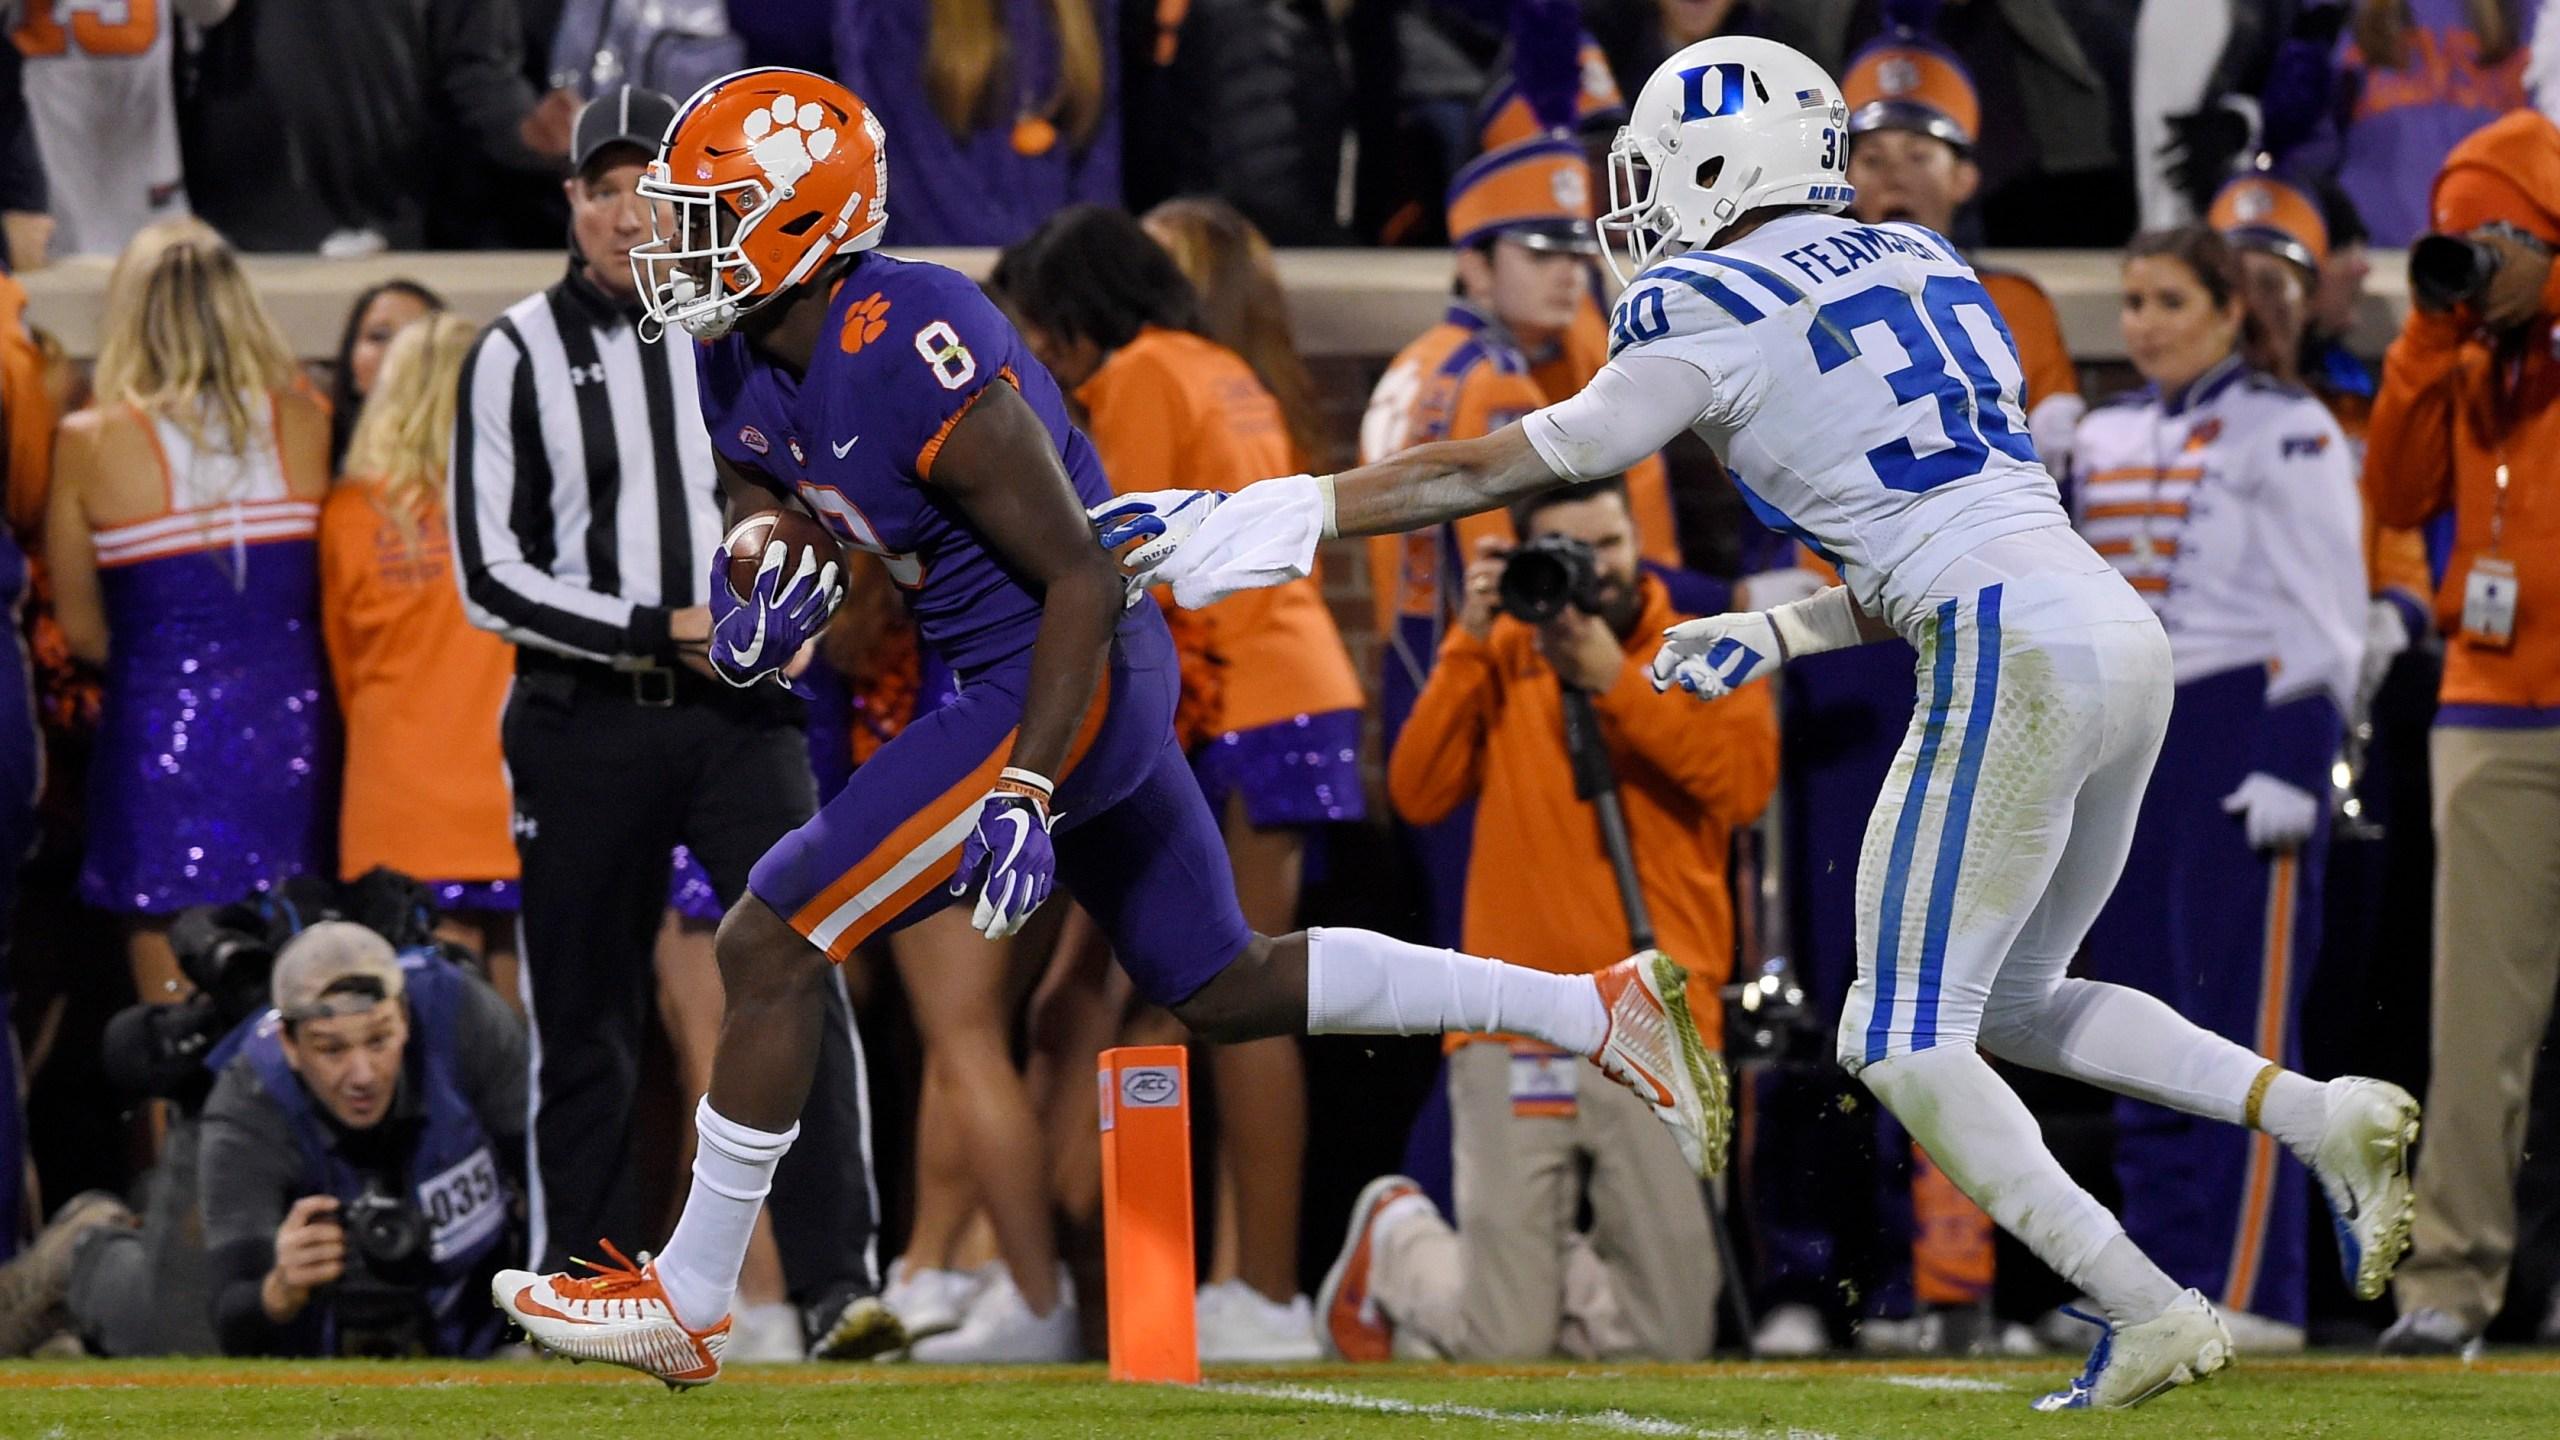 Duke Clemson Football_1542512848784